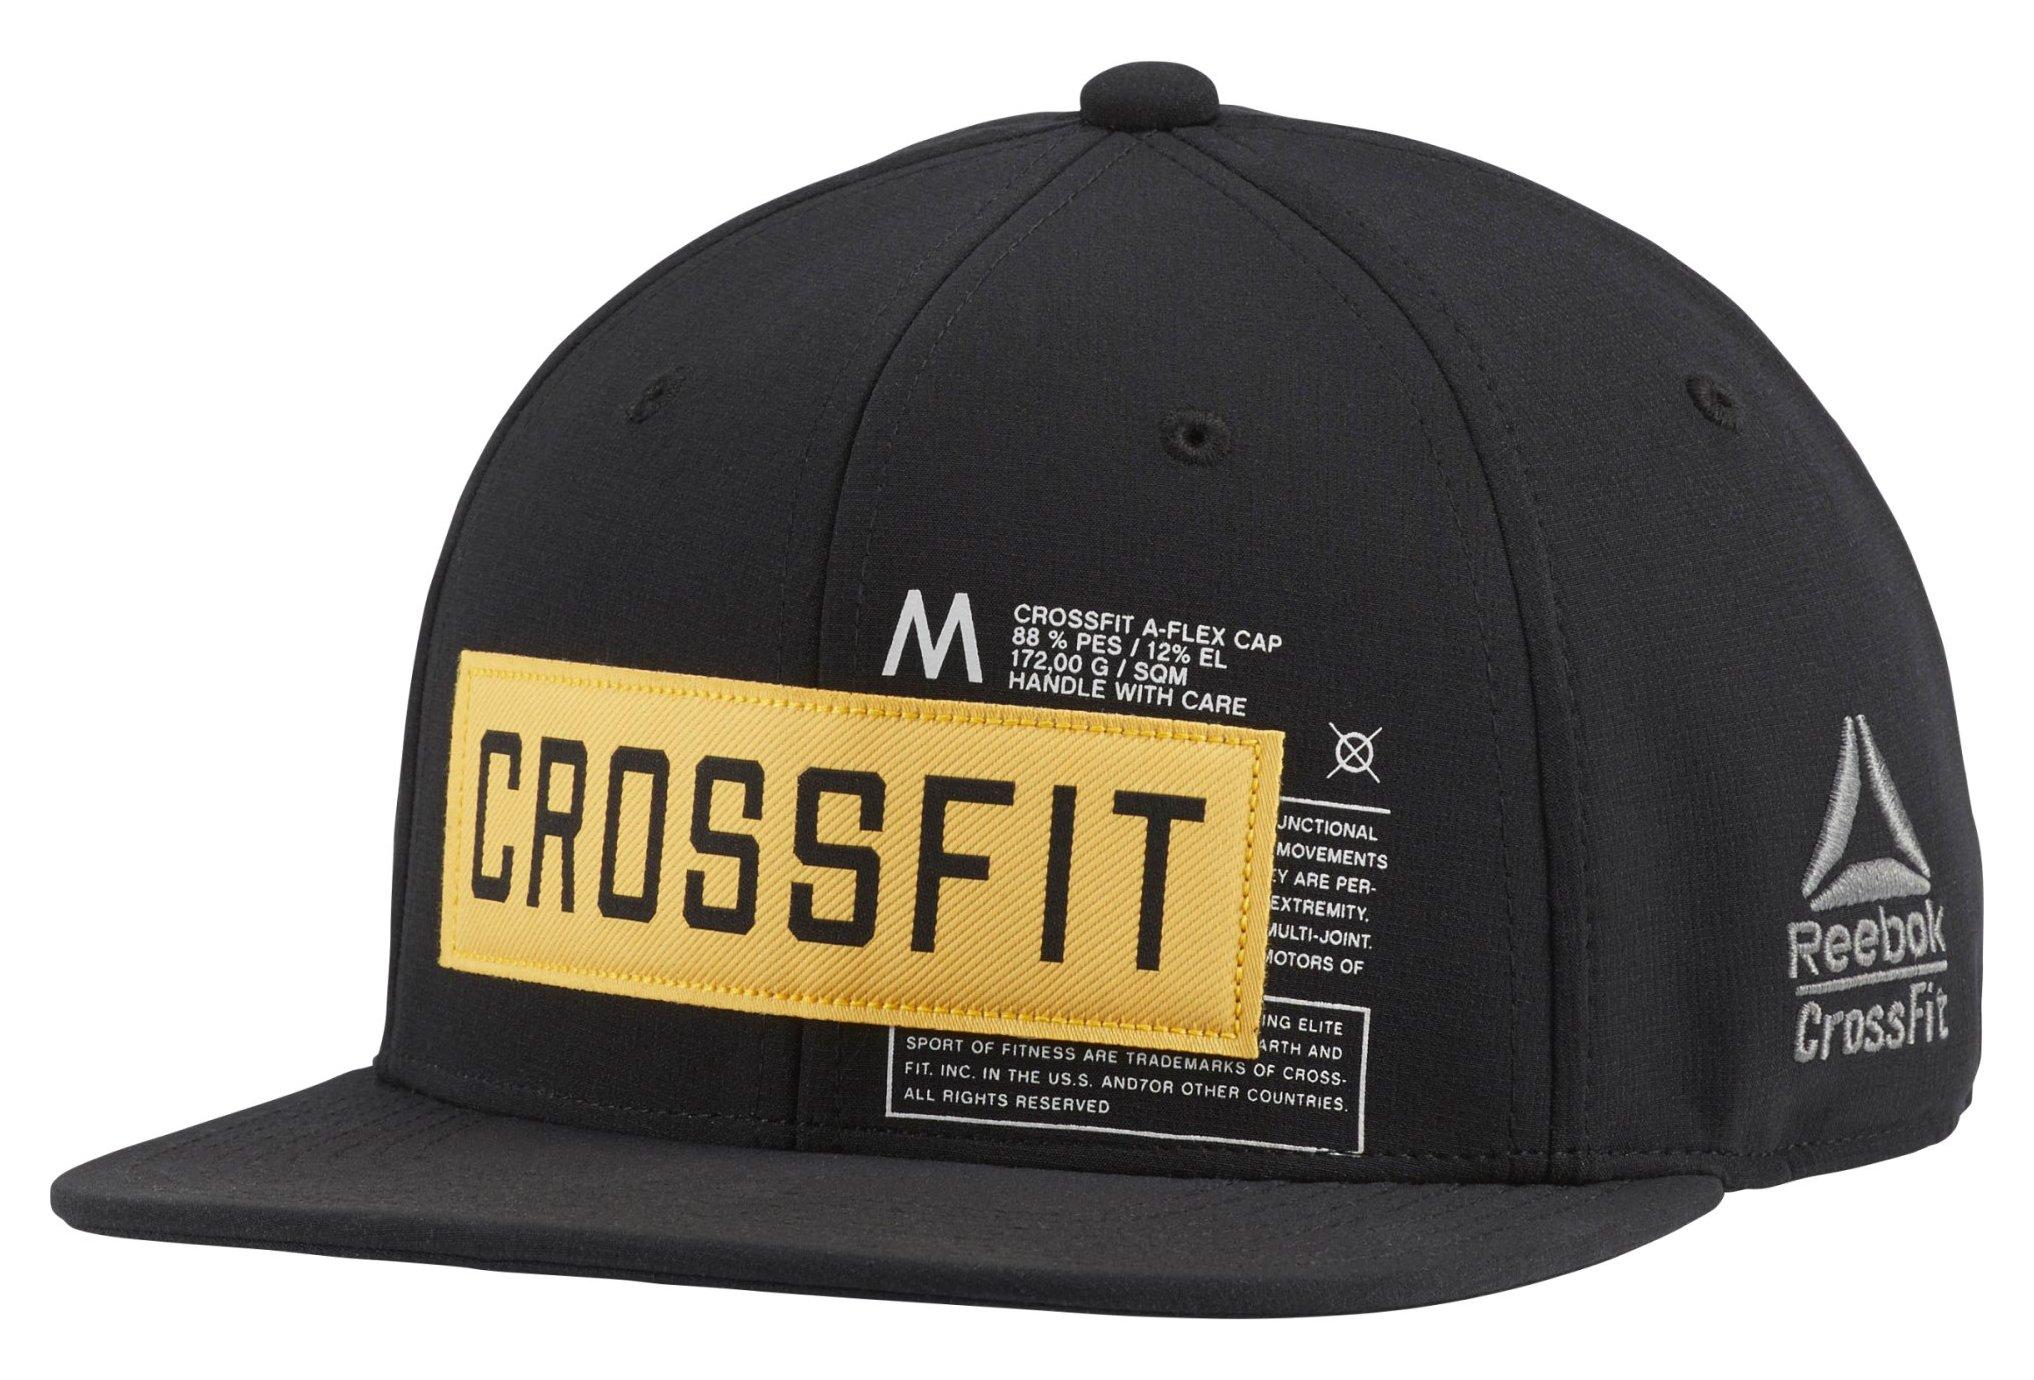 Reebok Crossfit A-Flex Casquettes / bandeaux